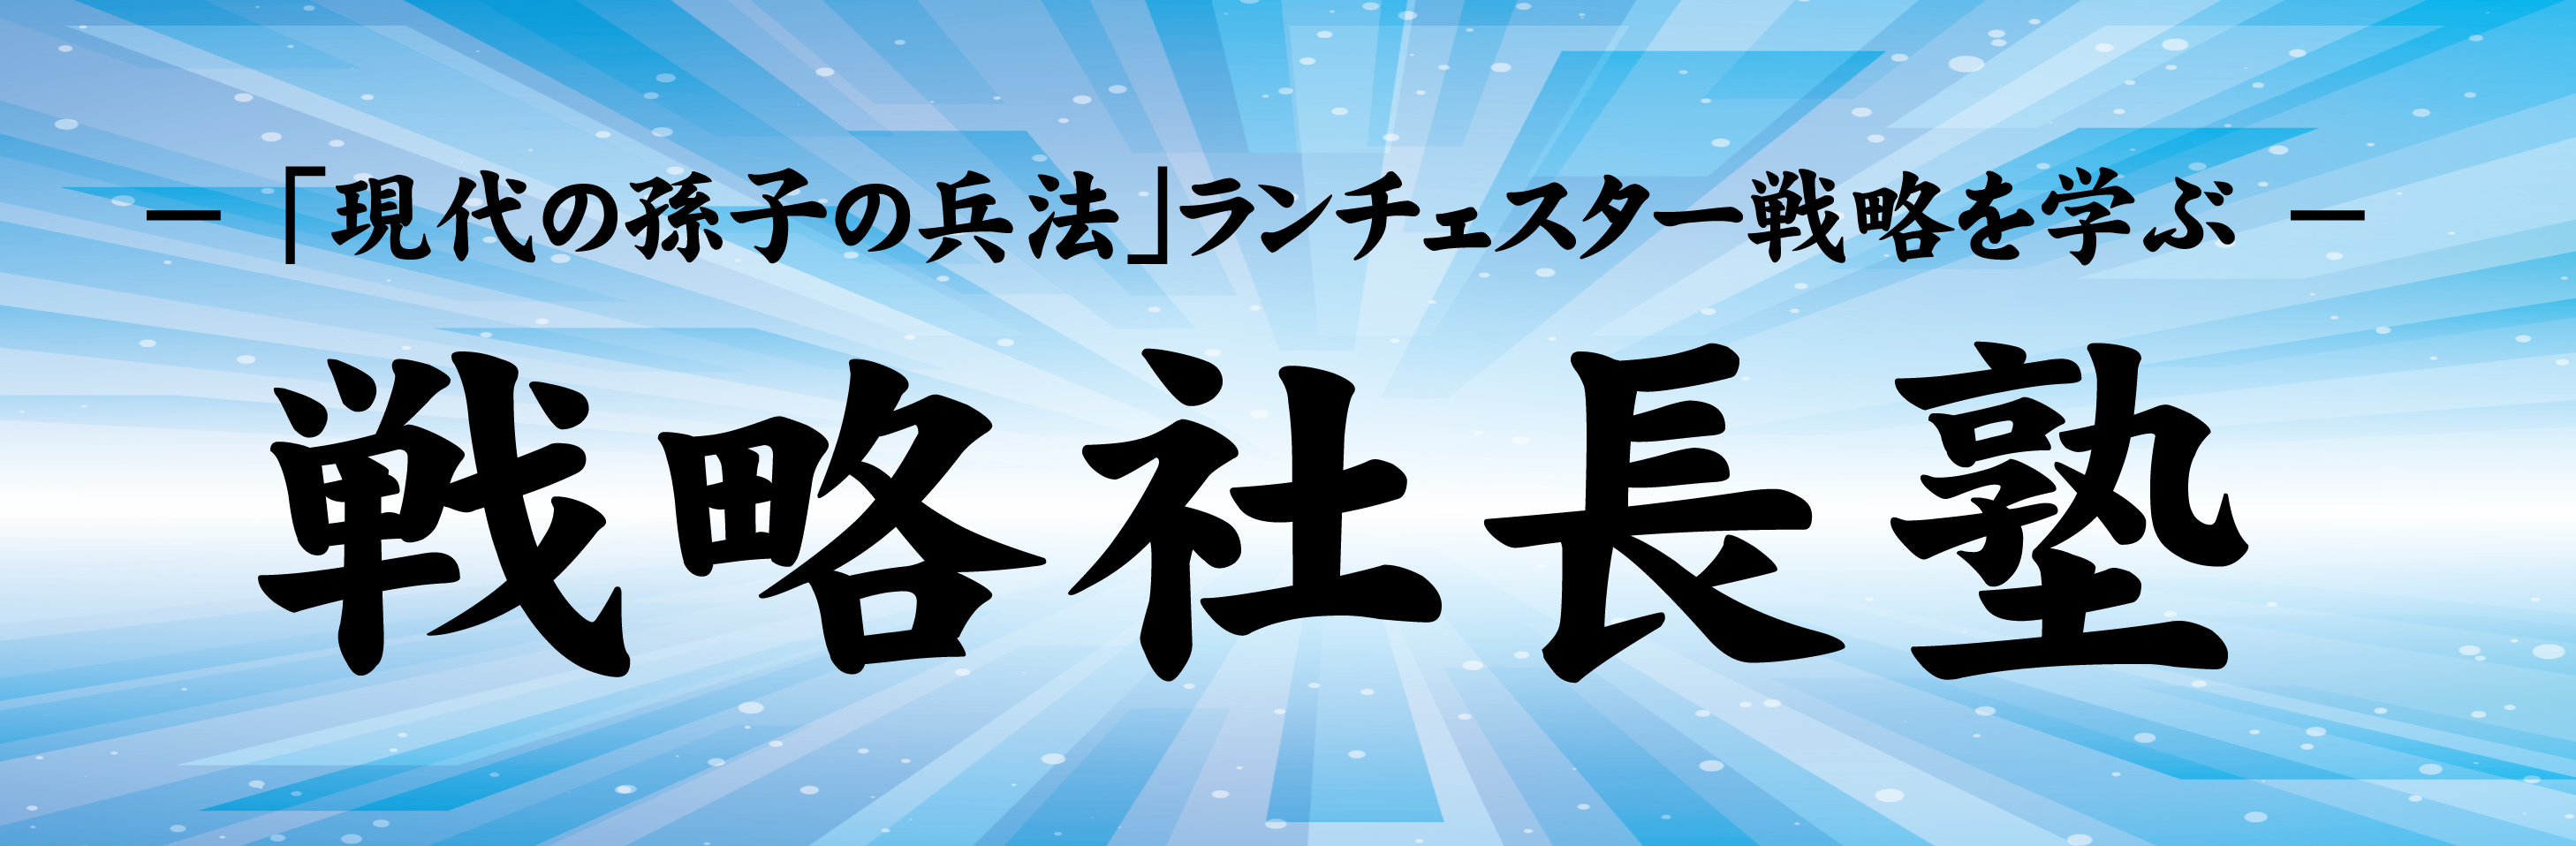 【熊日ビジネスセミナー】戦略社長塾